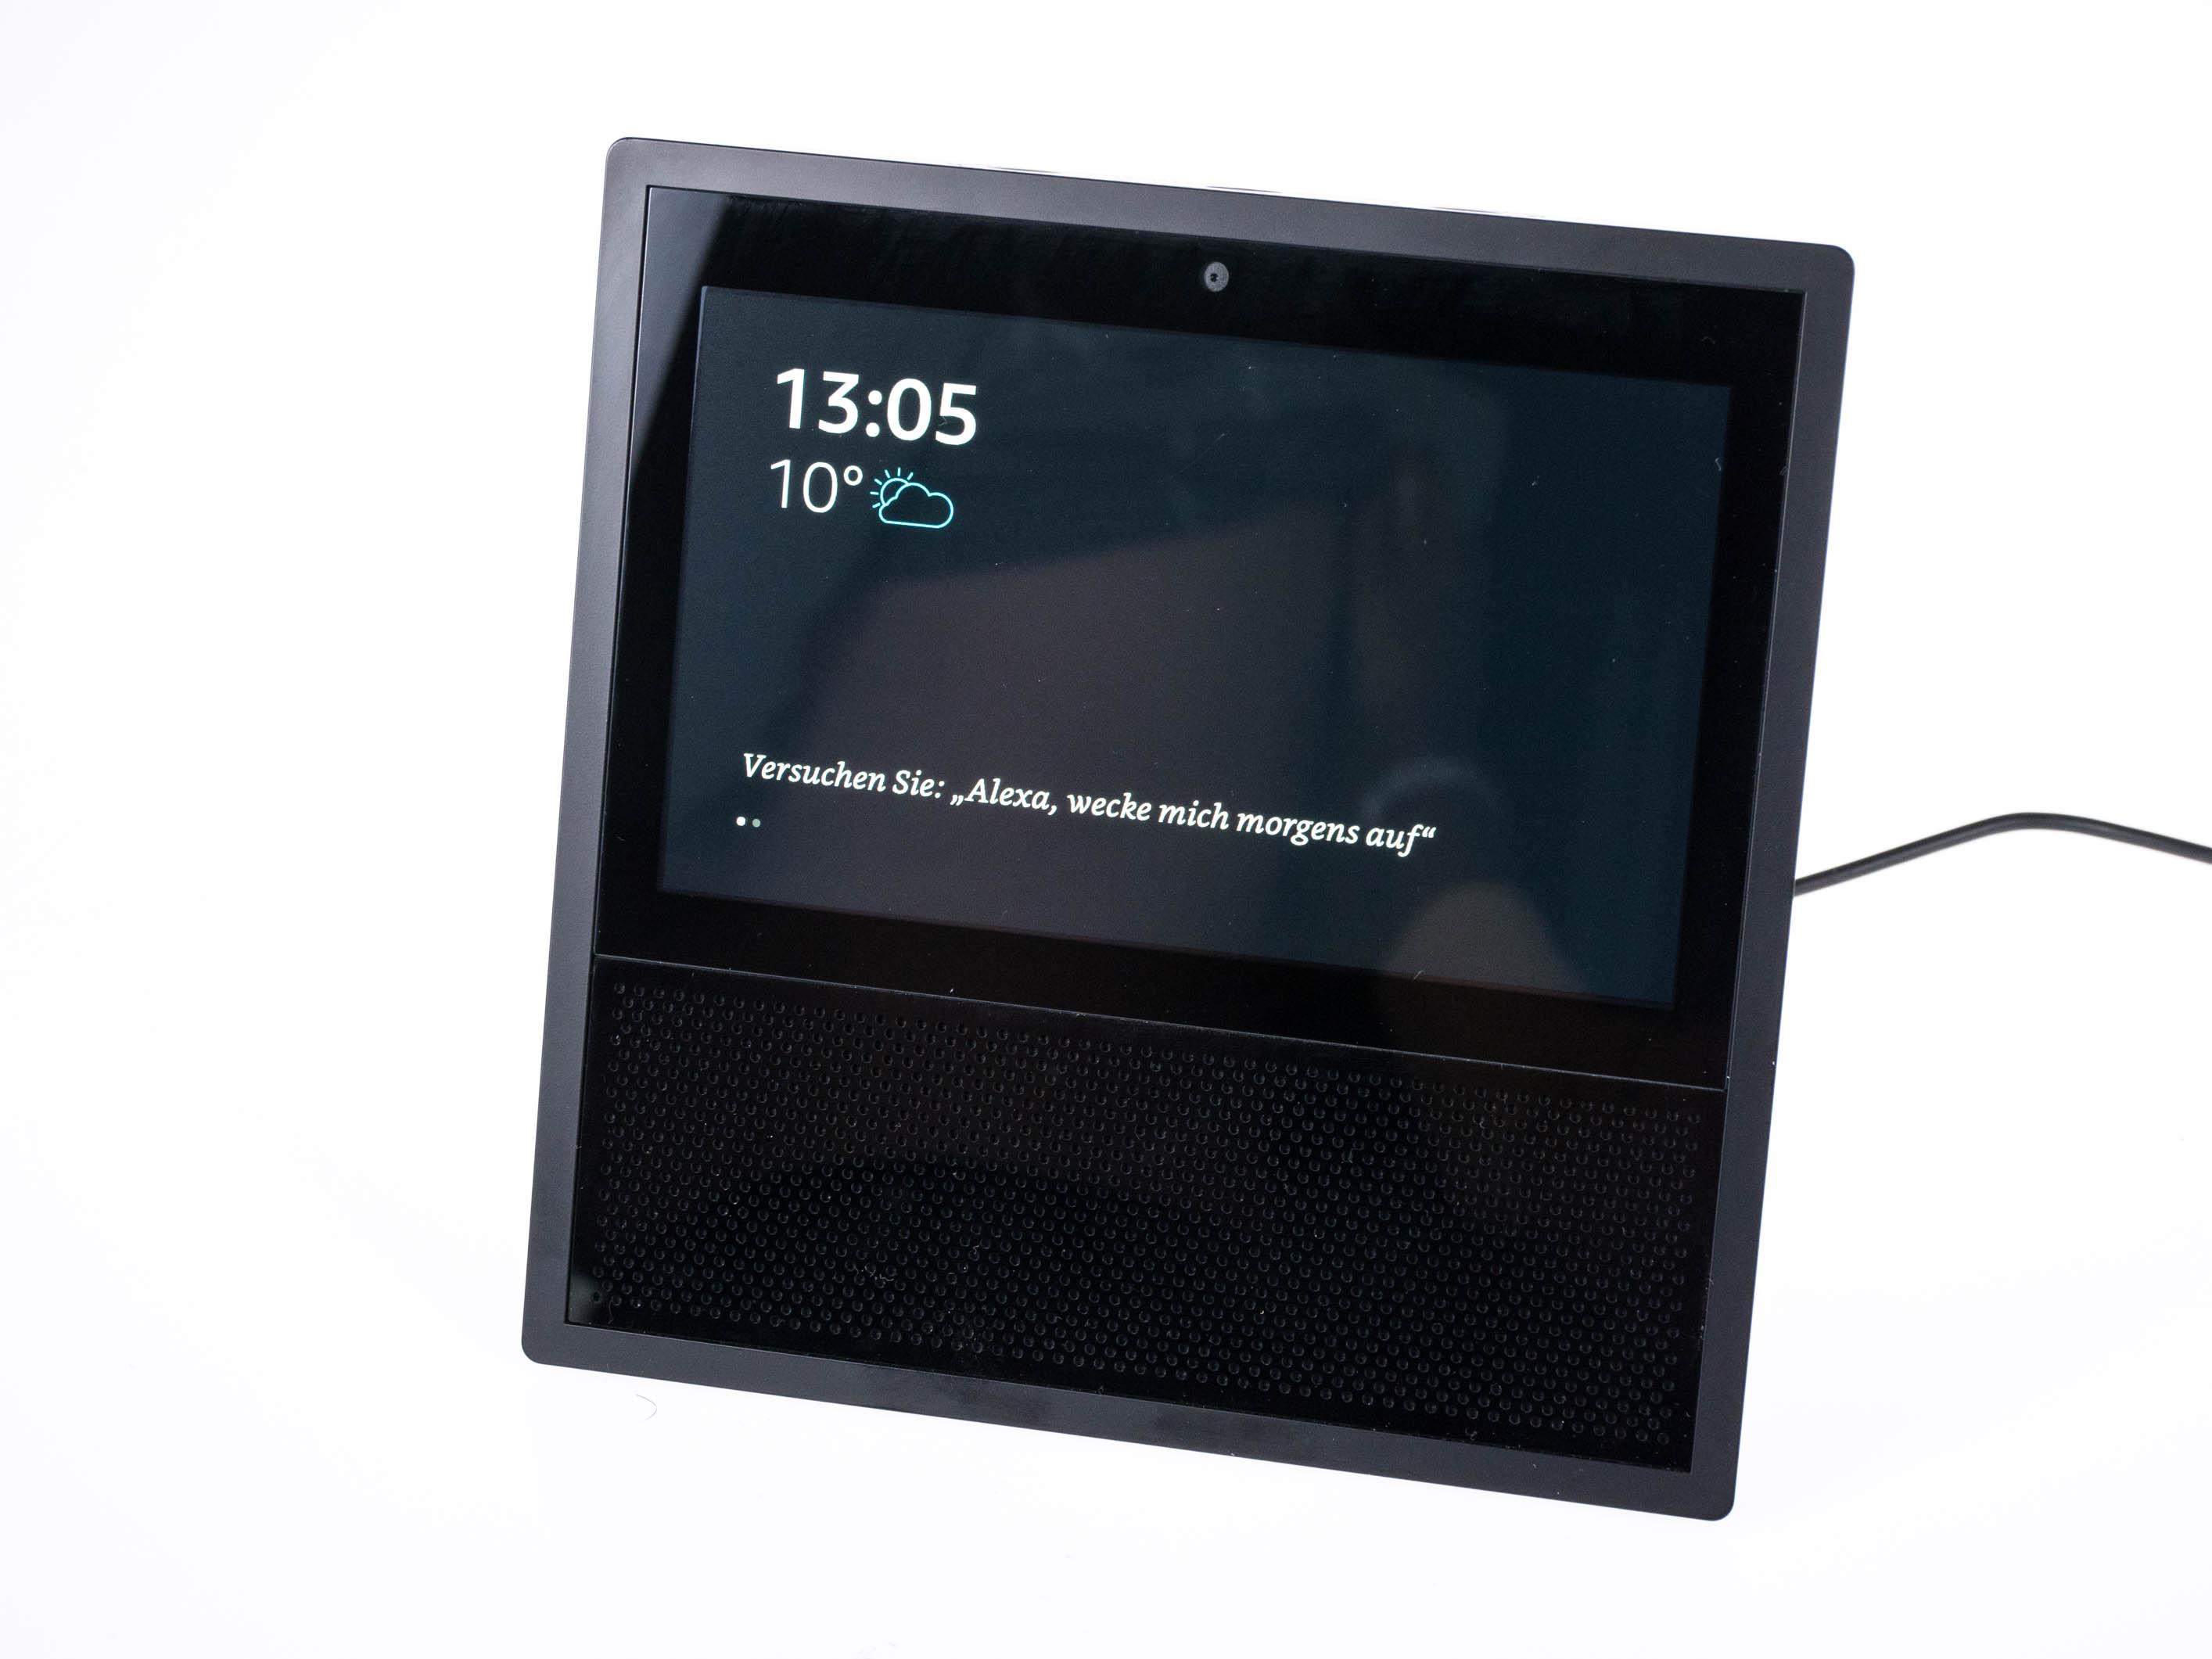 Alexa-Geräte und ihre Konkurrenz im Test: Der perfekte smarte Lautsprecher ist nicht dabei - Echo Show hat den besten Klang aller Amazon-Lautsprecher. (Bild: Martin Wolf/Golem.de)